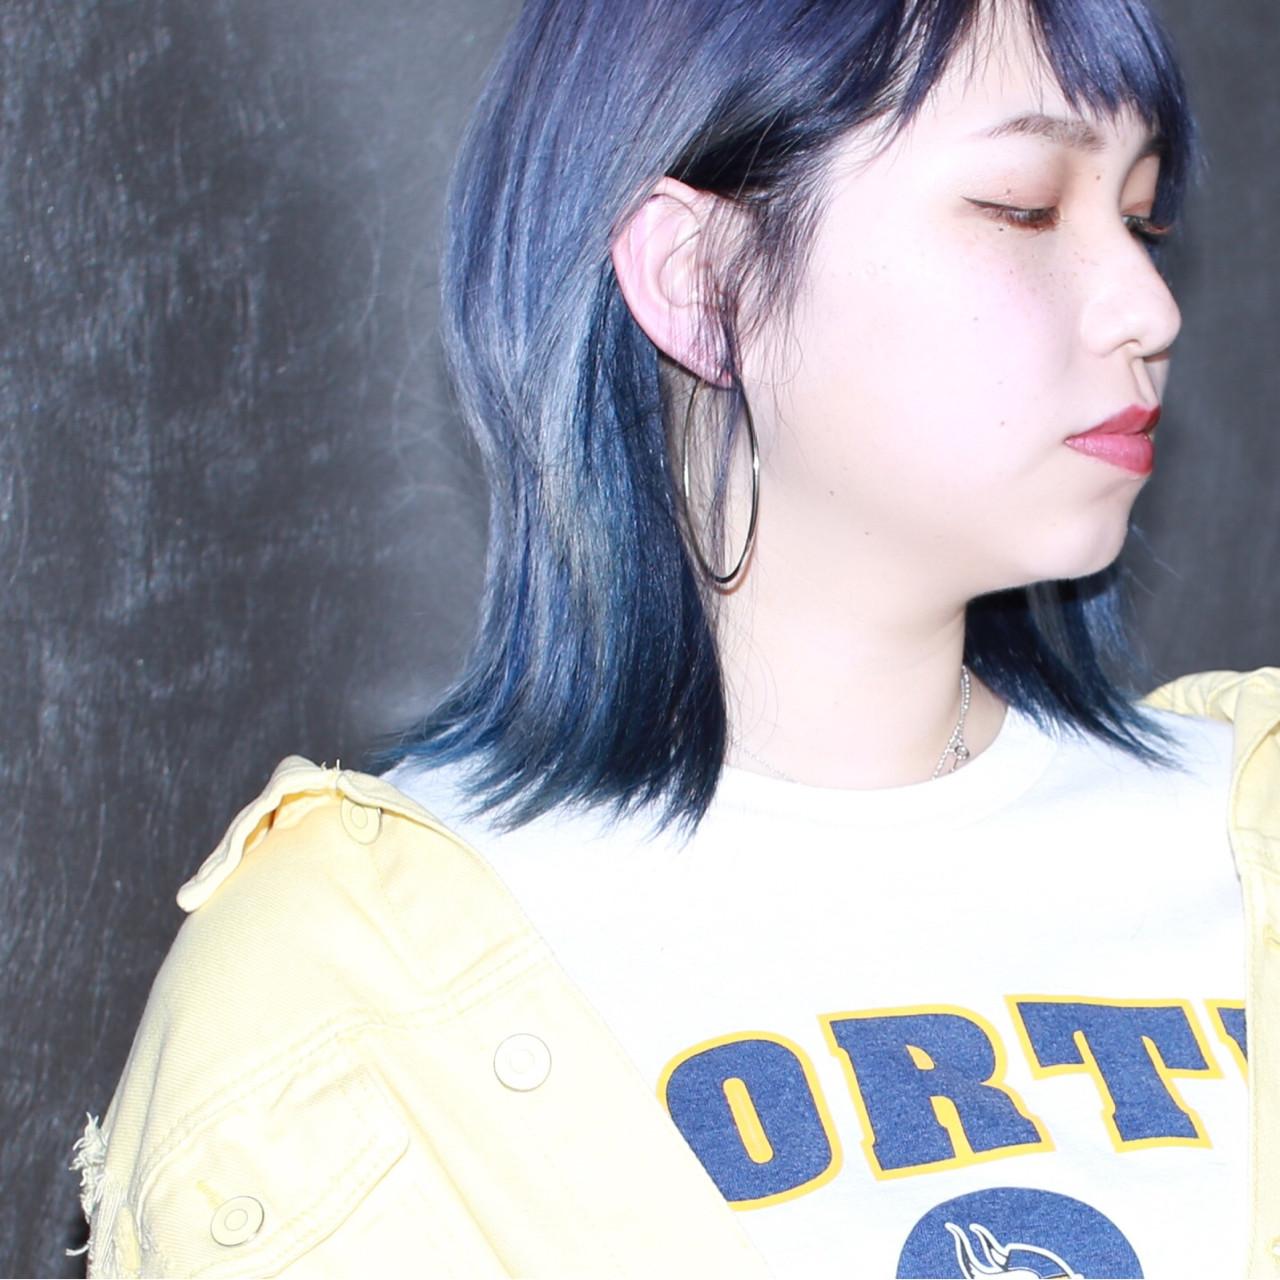 ミディアム 外国人風カラー ラベンダー ダブルカラー ヘアスタイルや髪型の写真・画像 | イマムラ スナオ / LUKE